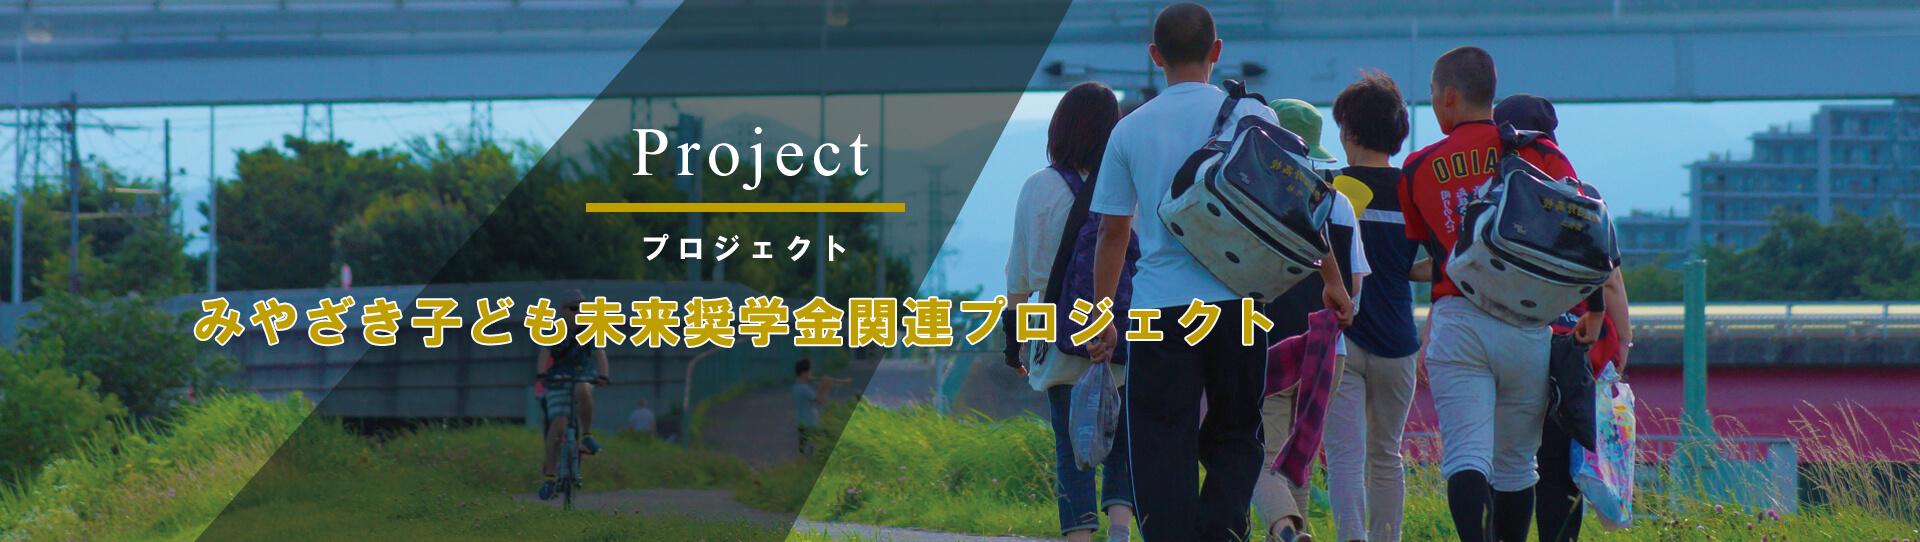 みやざき子ども未来奨学金関連プロジェクト